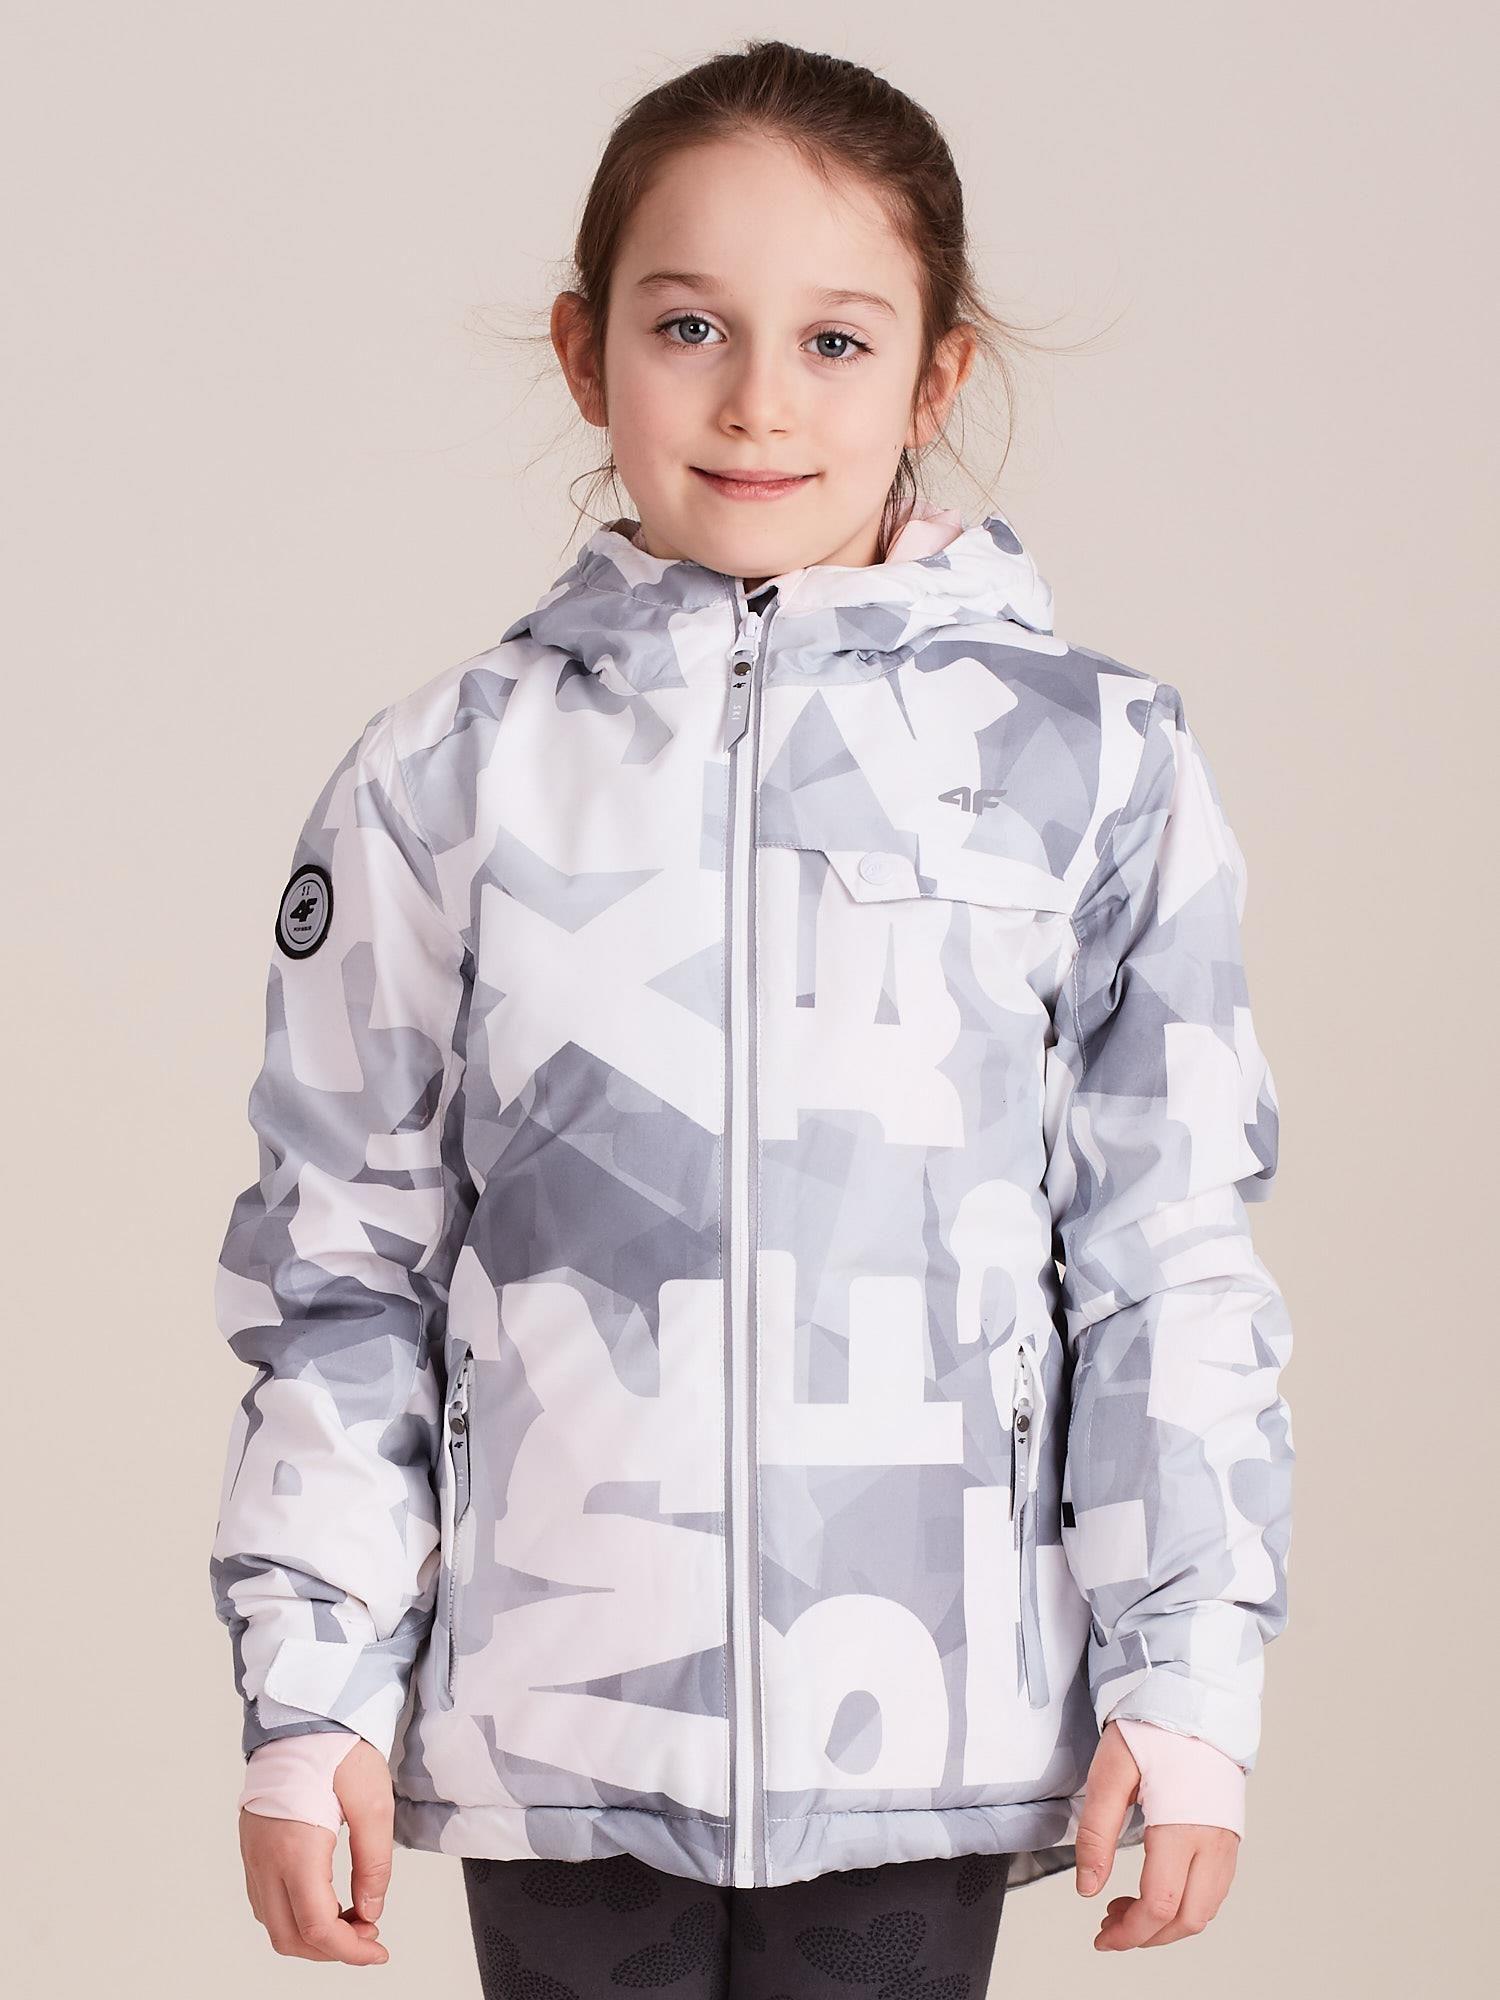 Dívčí lyžařská bunda se vzory 4F